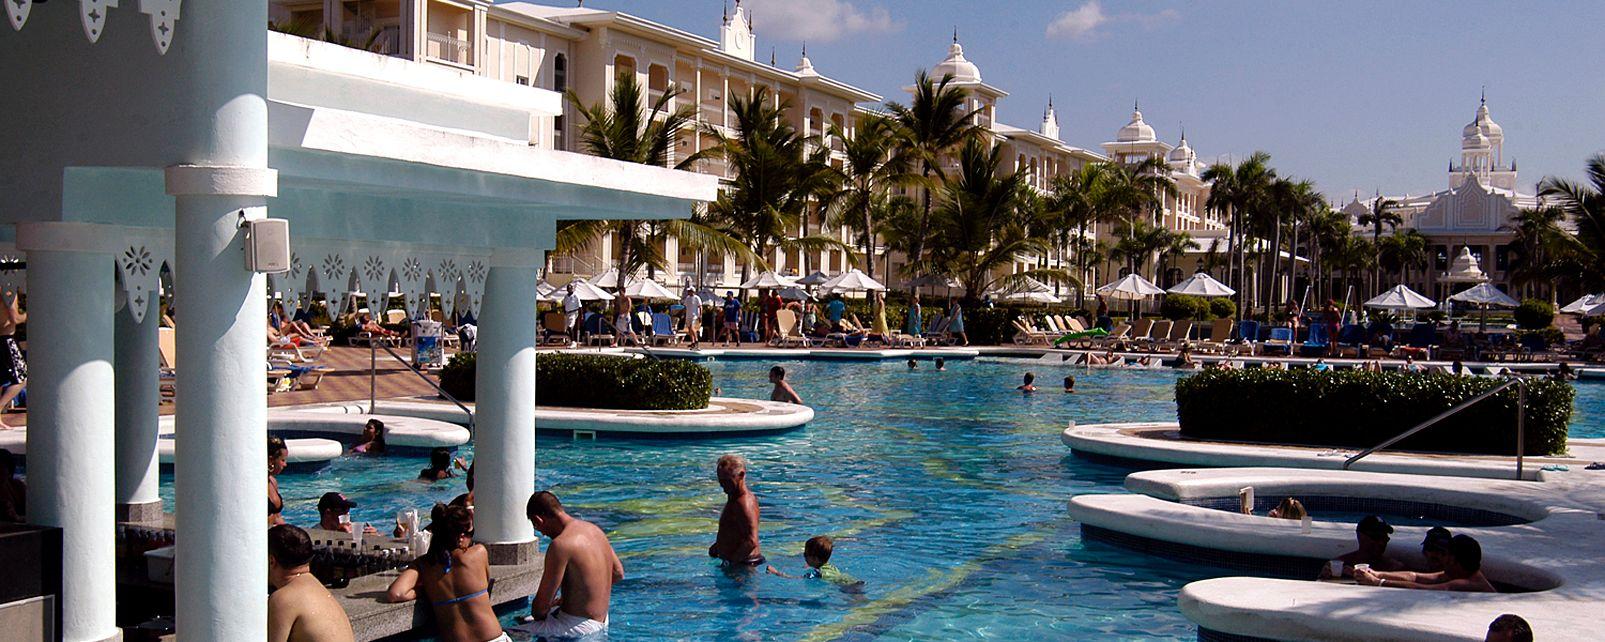 Hotel riu naiboa all inclusive hotel punta cana - Hotel Riu Palace Punta Cana